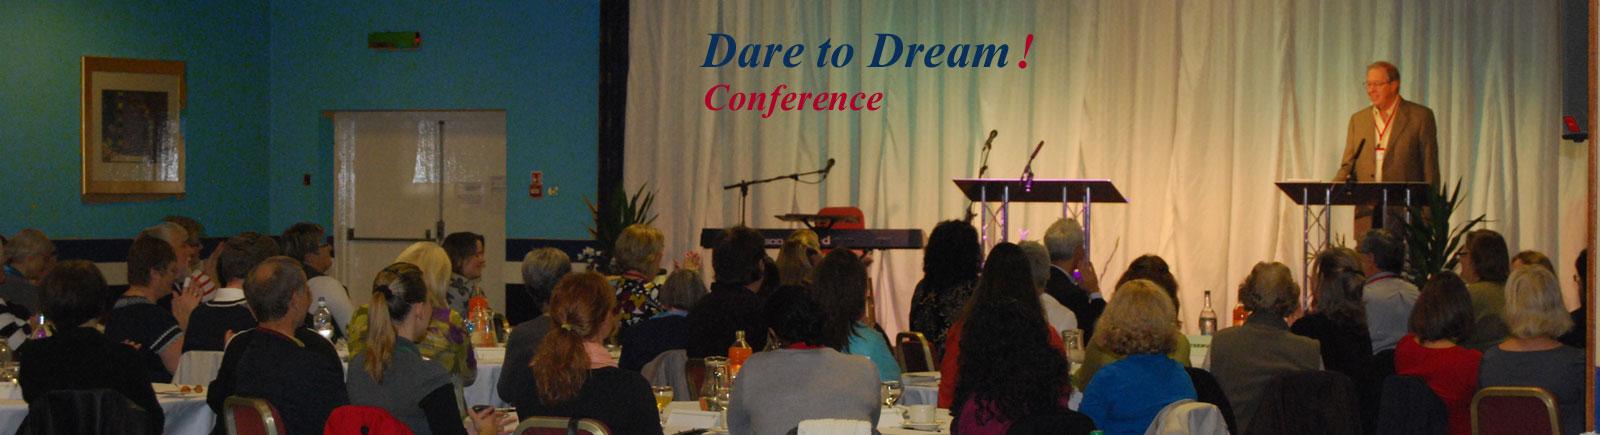 Dare to Dream Conference 2016 header